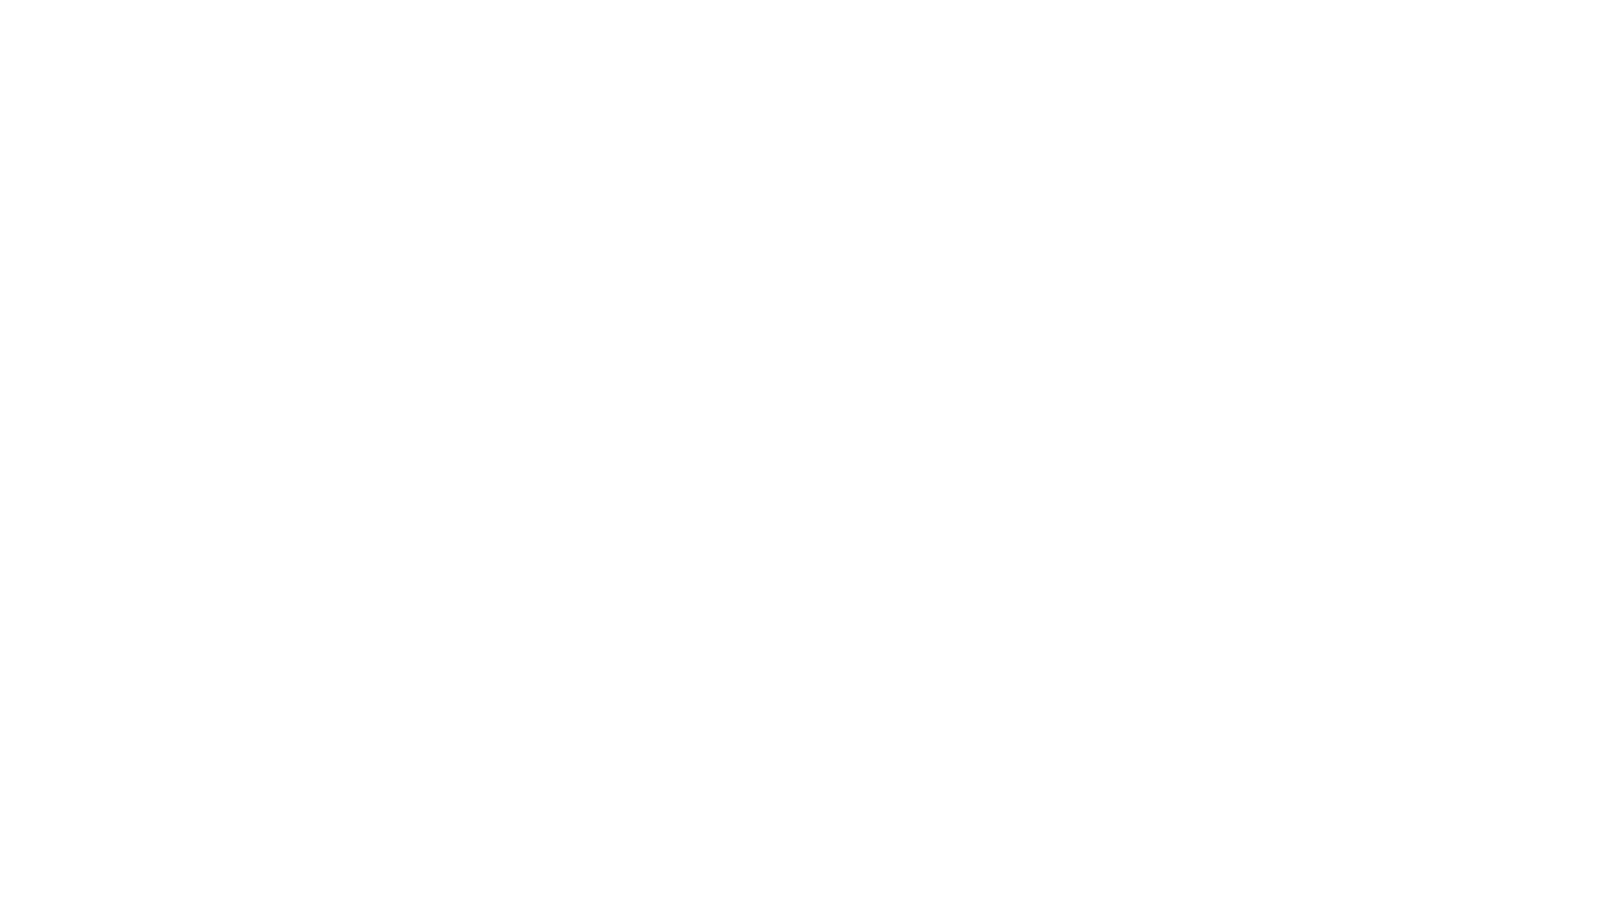 Le Audionews di Ondawebtv 👩💻#lenotizieinpositivo 🔖 👉Job Festival. Al via la tre giorni di orientamento al lavoro. Università e Confindustria insieme 👉Italia Nostra Caserta. La Rinascita, oggi al Buon Pastore  👉Un Borgo di Libri incontra L'Amica Geniale. 2 ottobre Casertavecchia 👉Teatro Civico 14. INATTESA, la nuova stagione al via Buon ascolto!